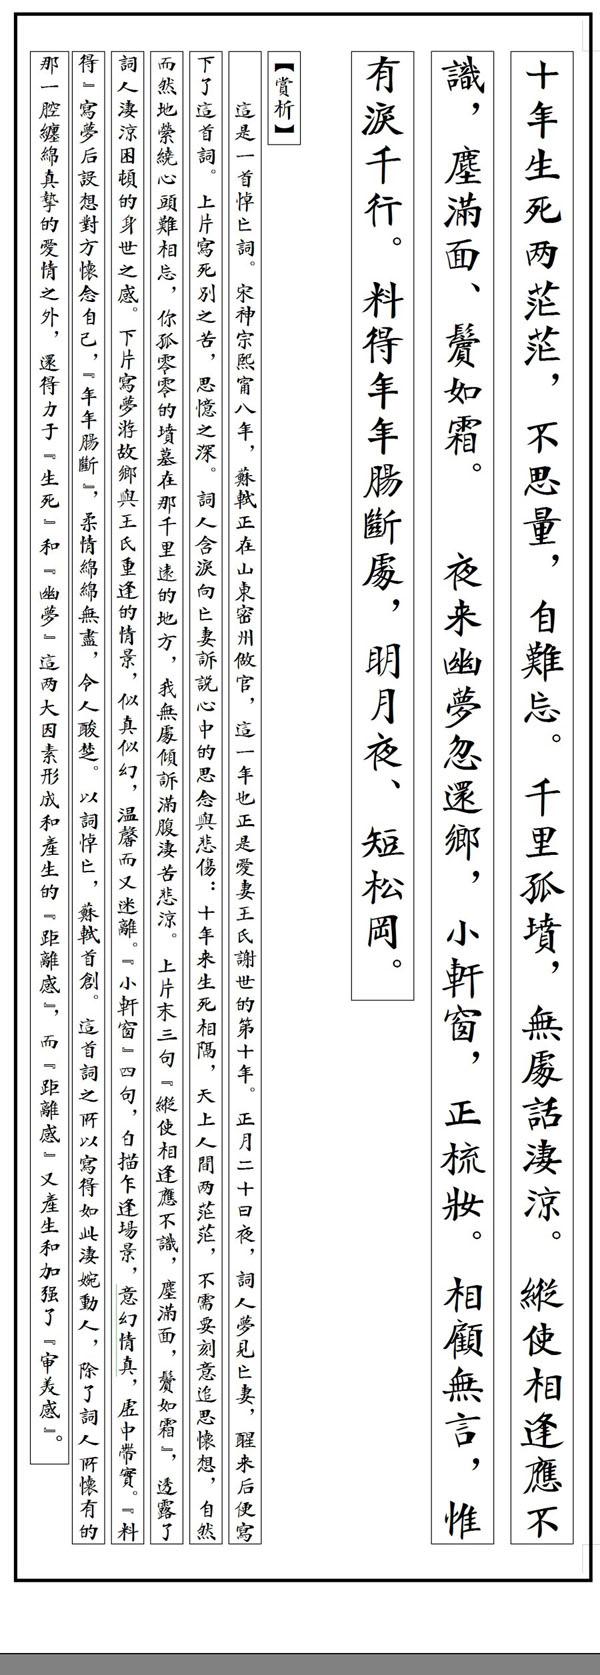 字酷堂海藏楷体